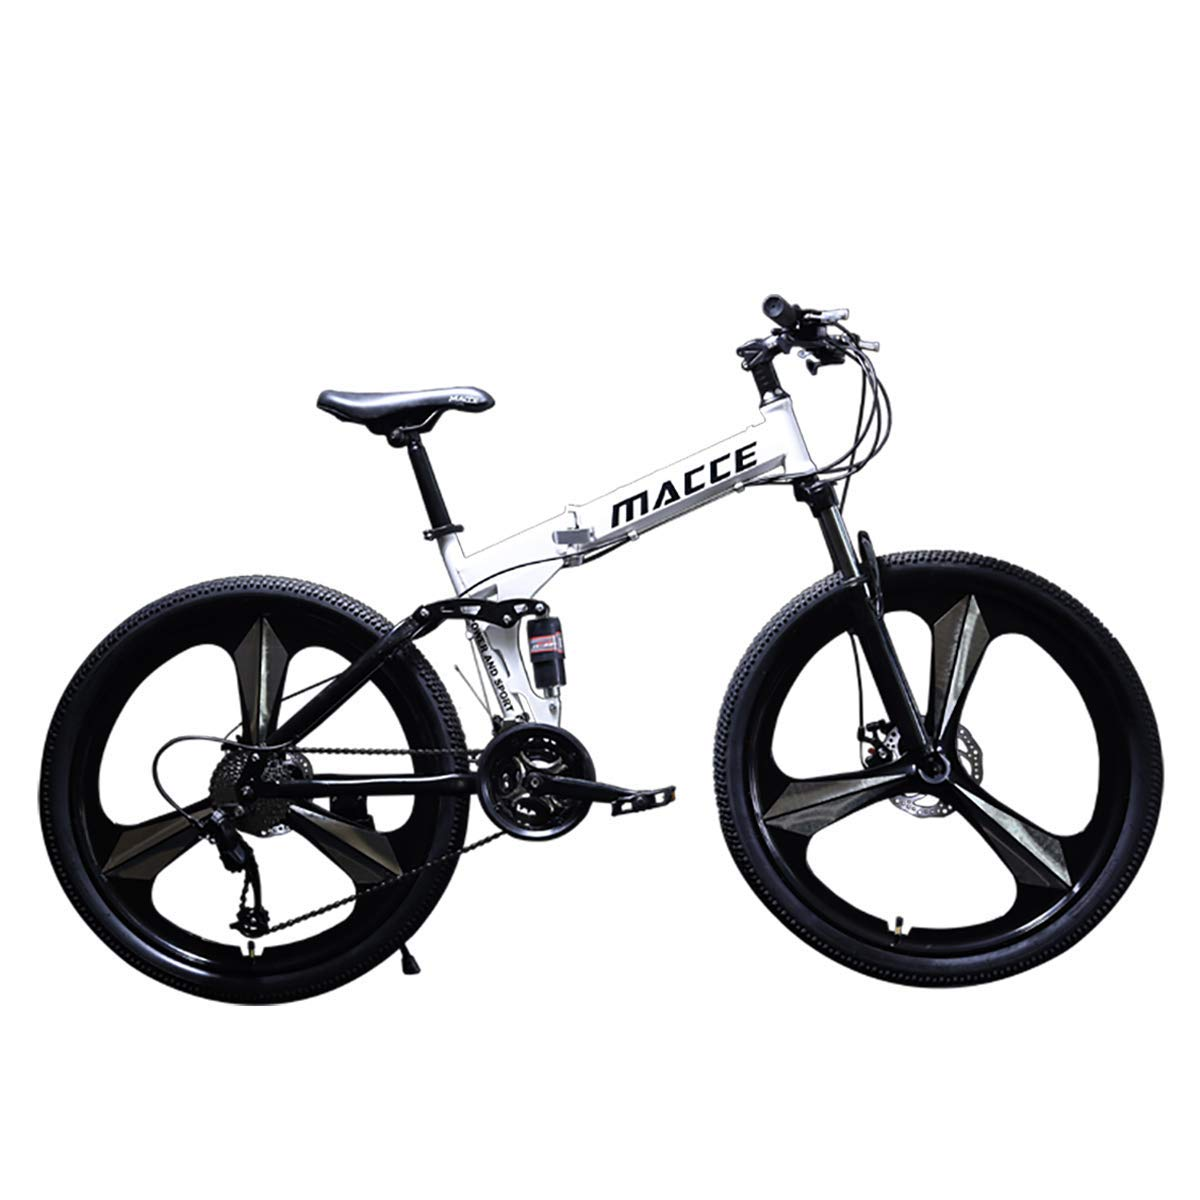 en venta en línea Wyfdm Bicicletas, Velocidad de Bicicleta de montaña montaña montaña 24 26 Pulgadas Rueda Acero 21 24 27 Velocidad Bicicleta de montaña al Aire Libre Cuesta Abajo BTX Bicicleta Freno de Disco Bicicleta Plegable  más descuento